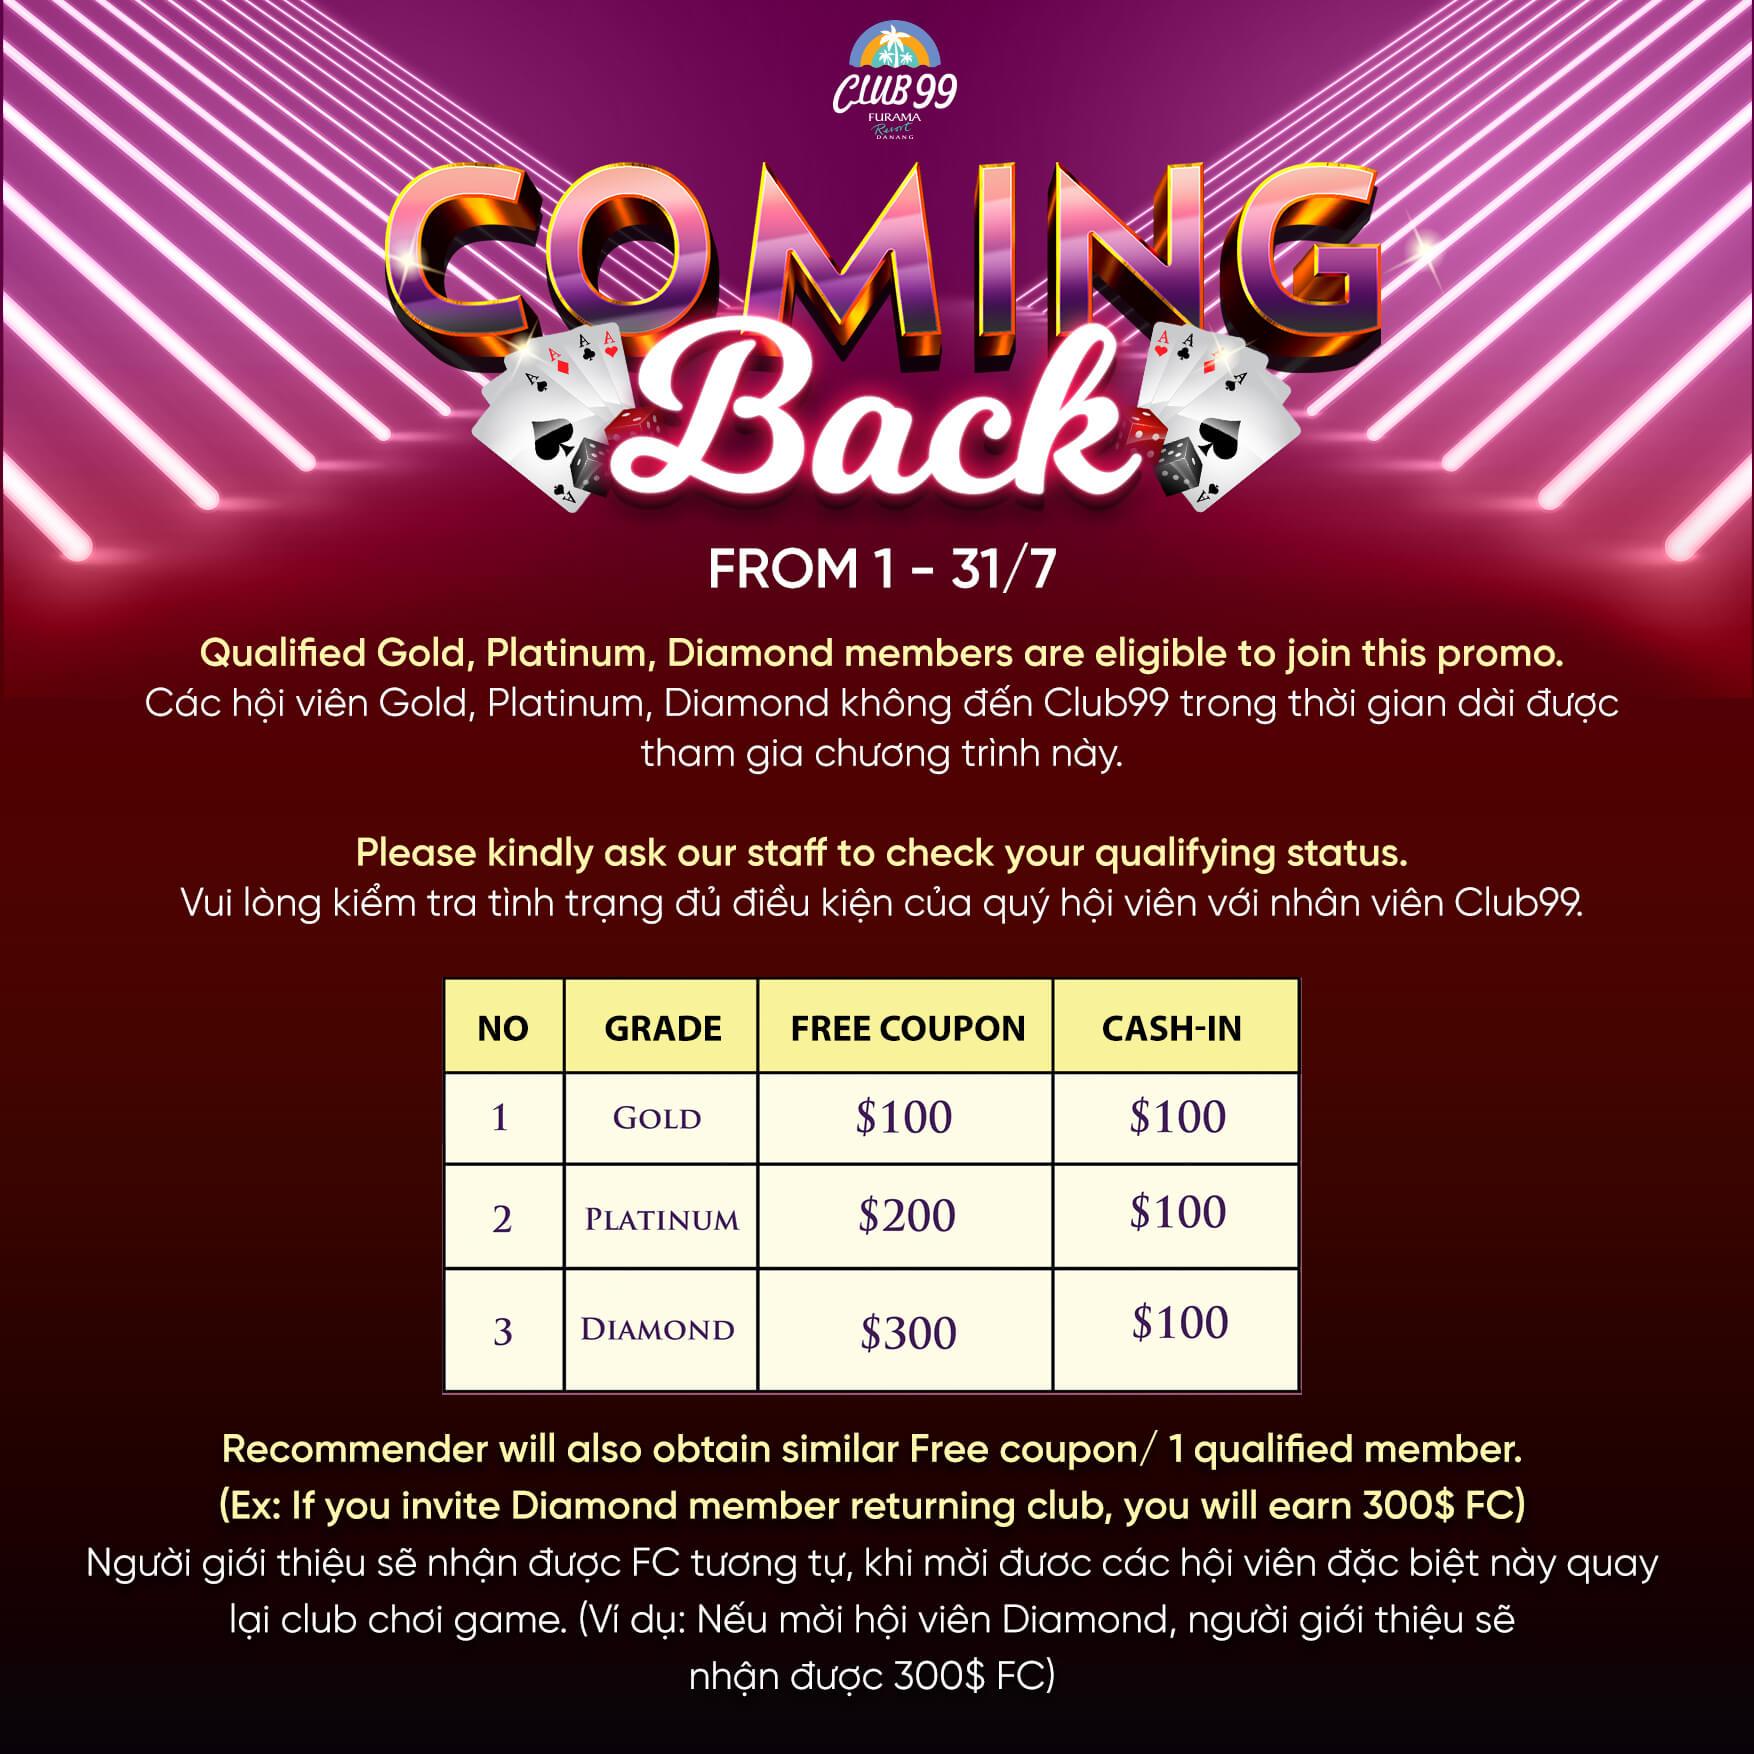 ダナンのカジノ「クラブ99(Club99)」では6月にカミングバックキャンペーン実施中